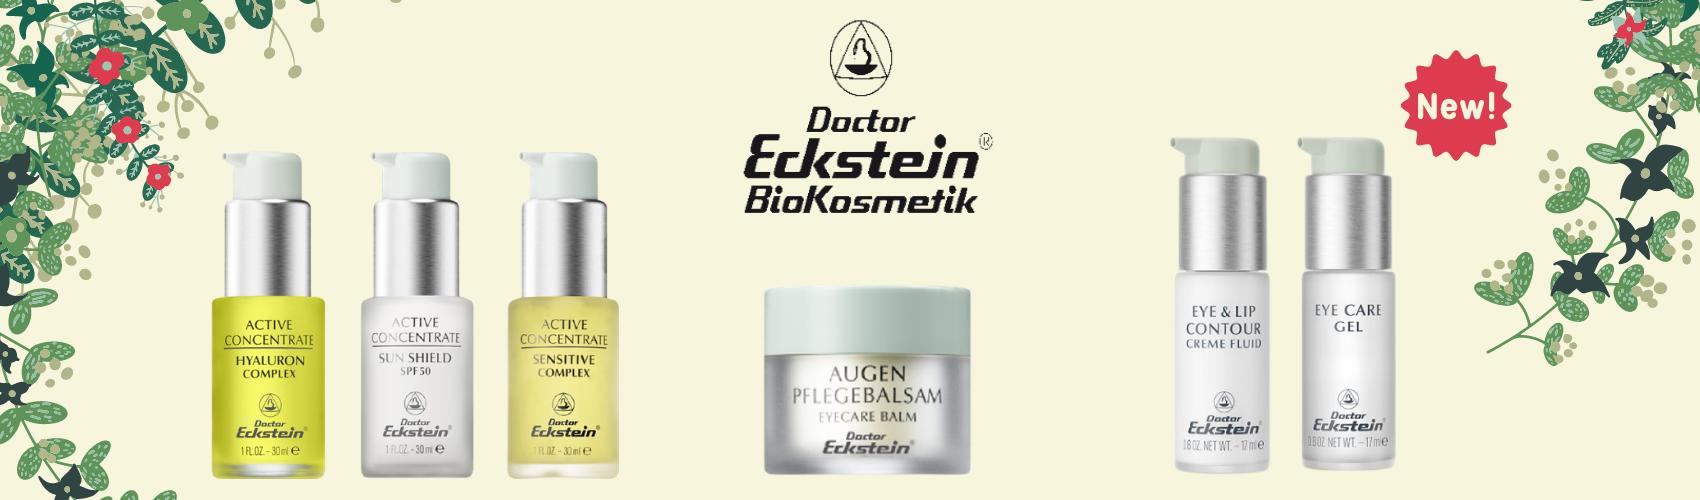 Doctor Eckstein Primavera 2021